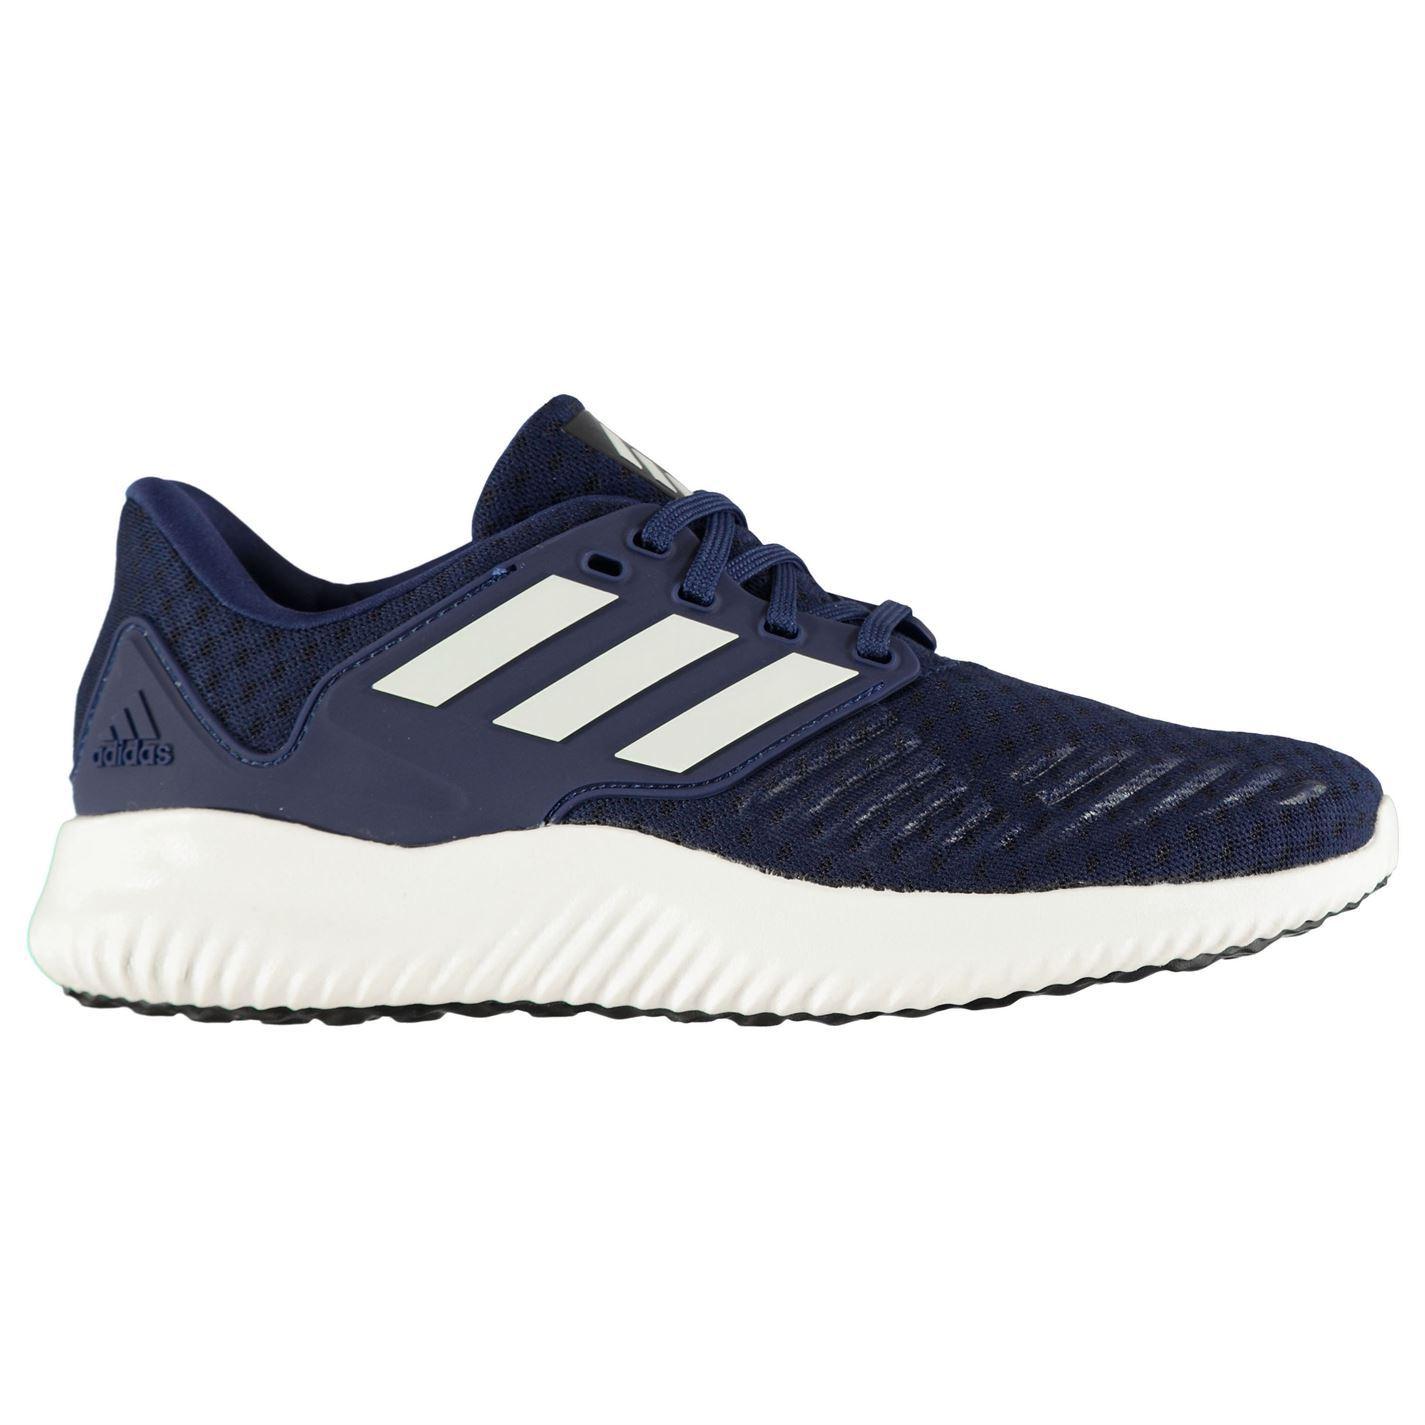 presentación precio atractivo lista nueva Detalles de Adidas Alpha Rebotar Zapatillas Running Hombre Fitness Trote  Zapatillas